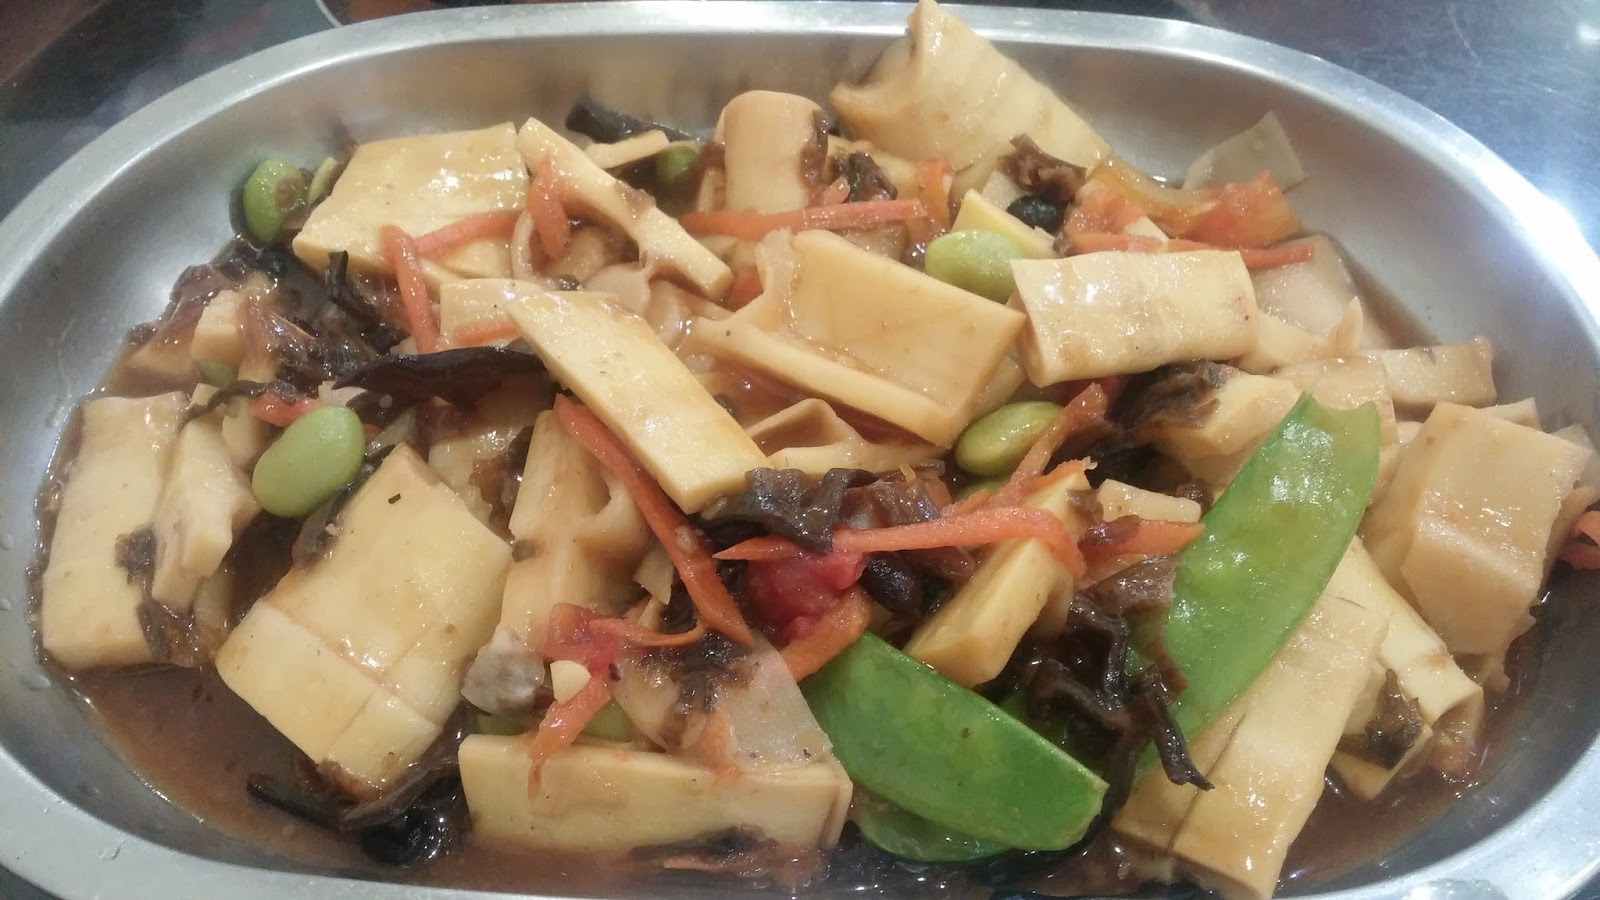 素人料理: [餐廳]新北板橋忠孝路。全慧素食